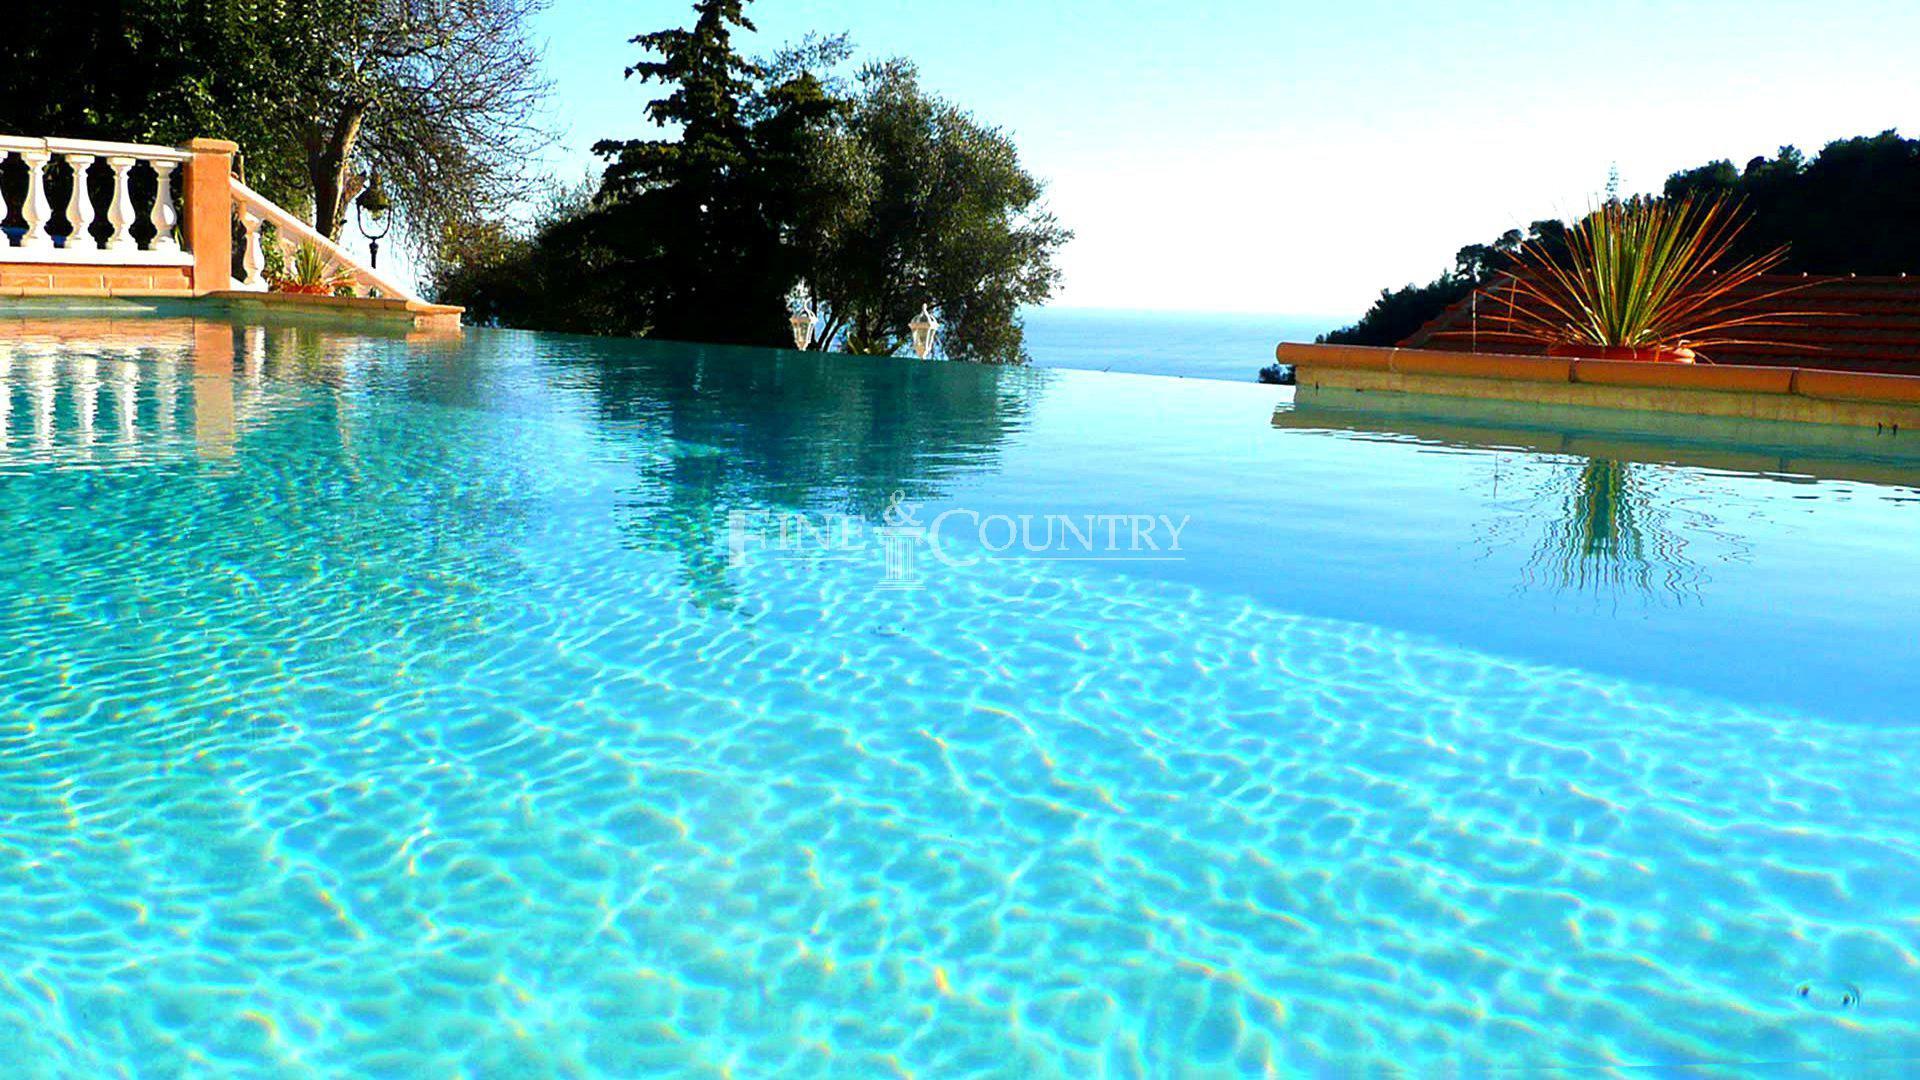 Villa for Sale Villefranche-sur-mer Sea view Swimming pool.